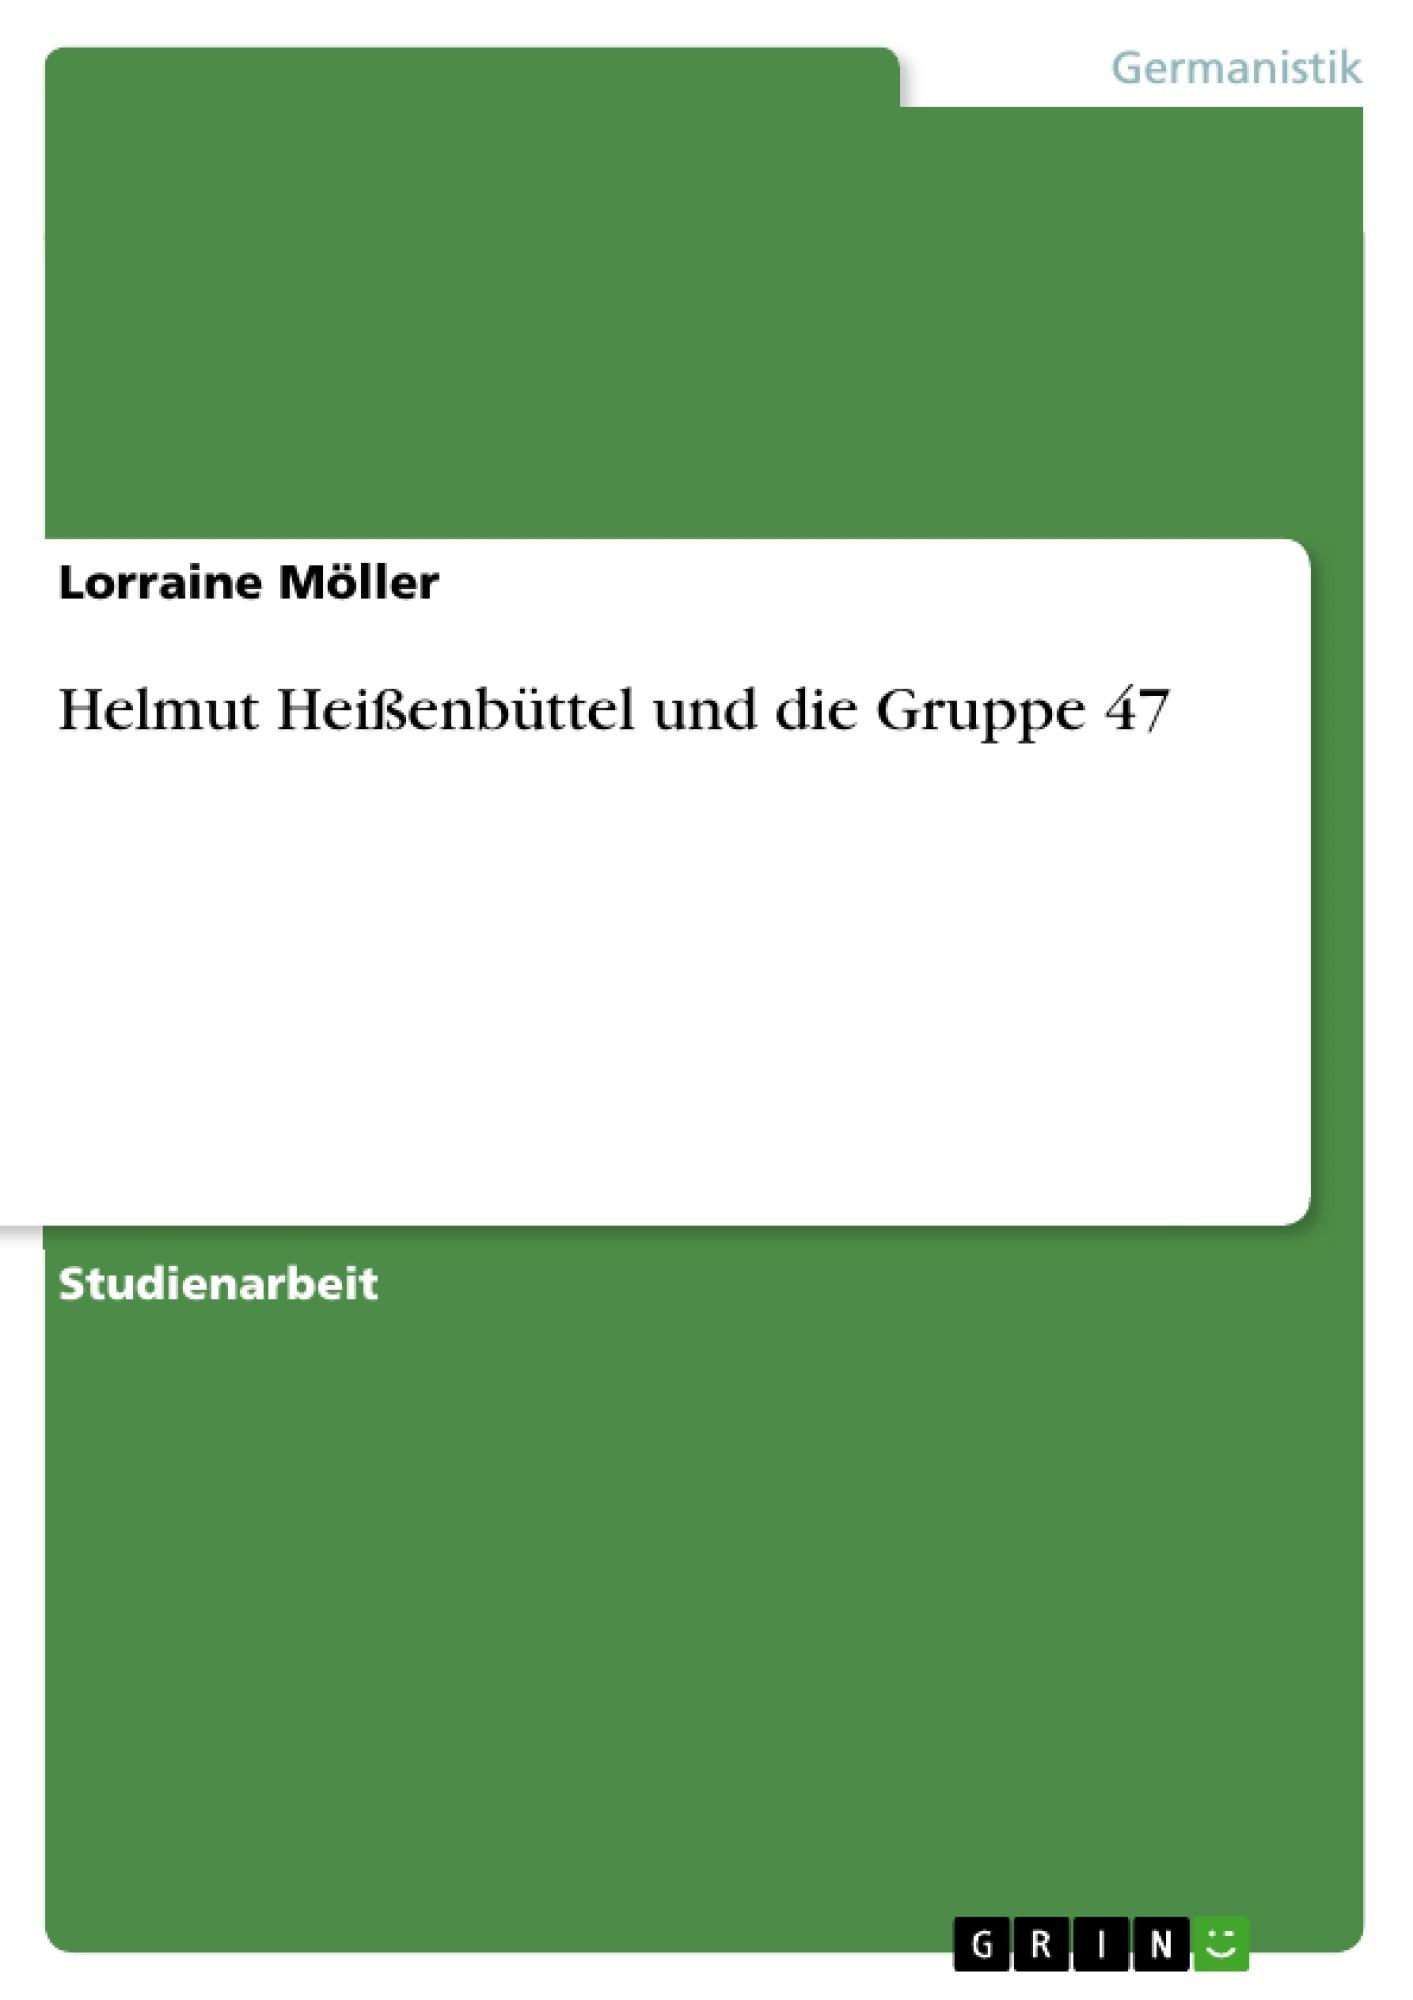 Titel: Helmut Heißenbüttel und die Gruppe 47